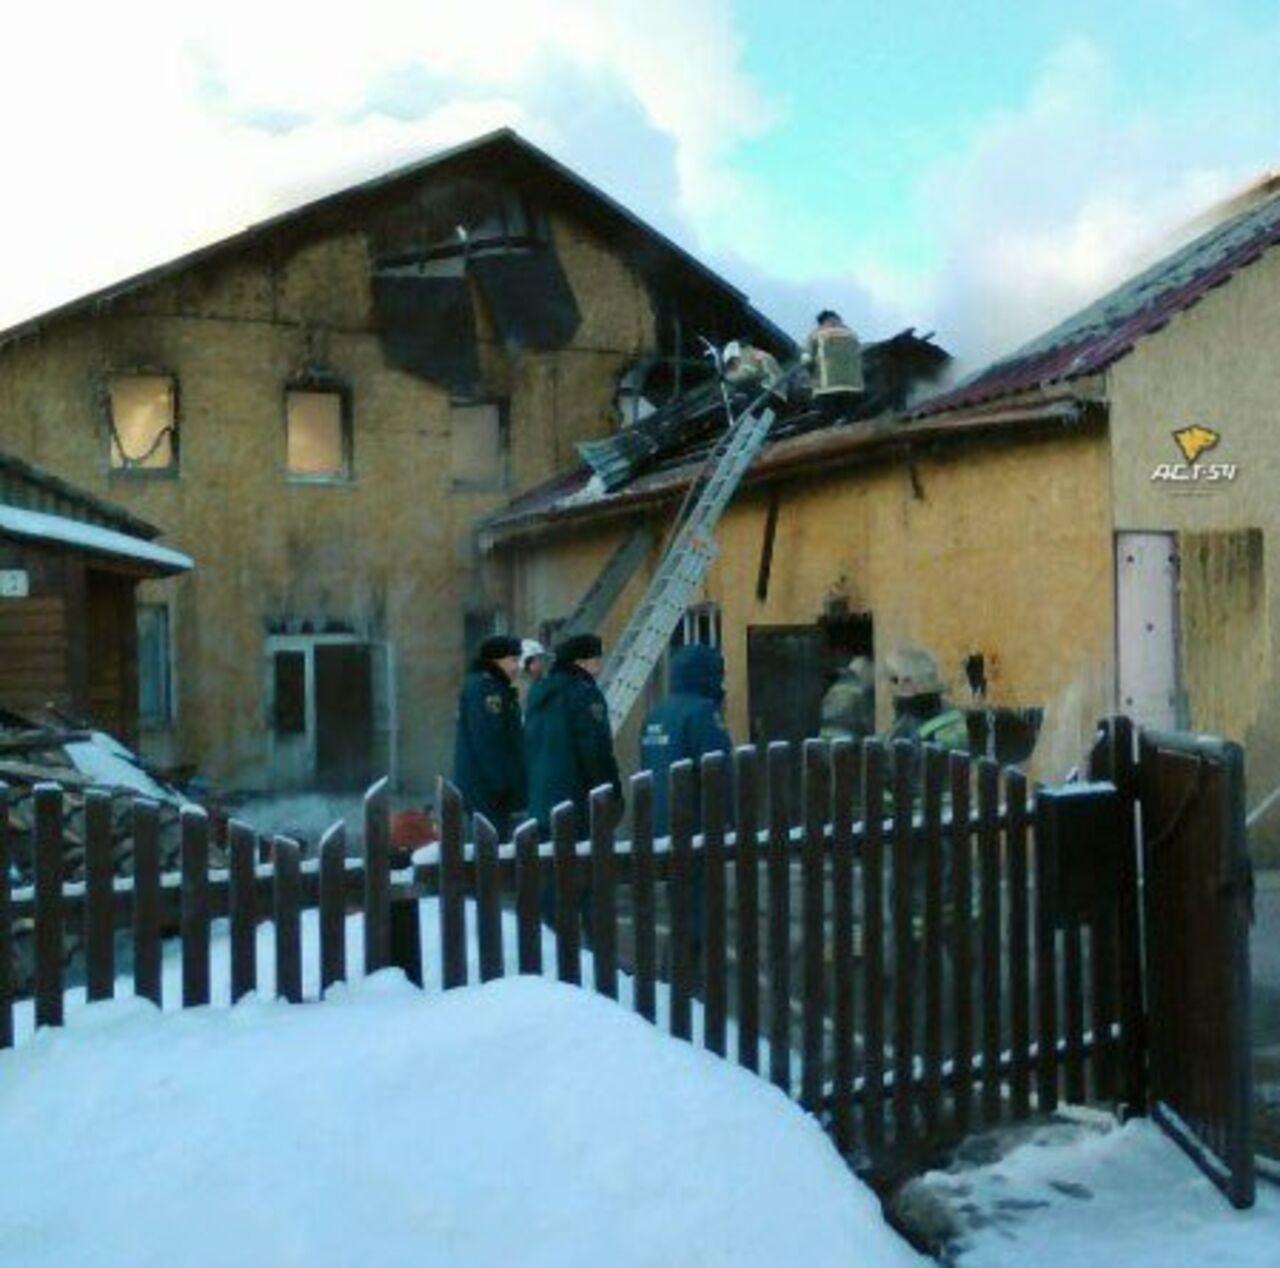 Молельный дом баптистов сгорел под Новосибирском